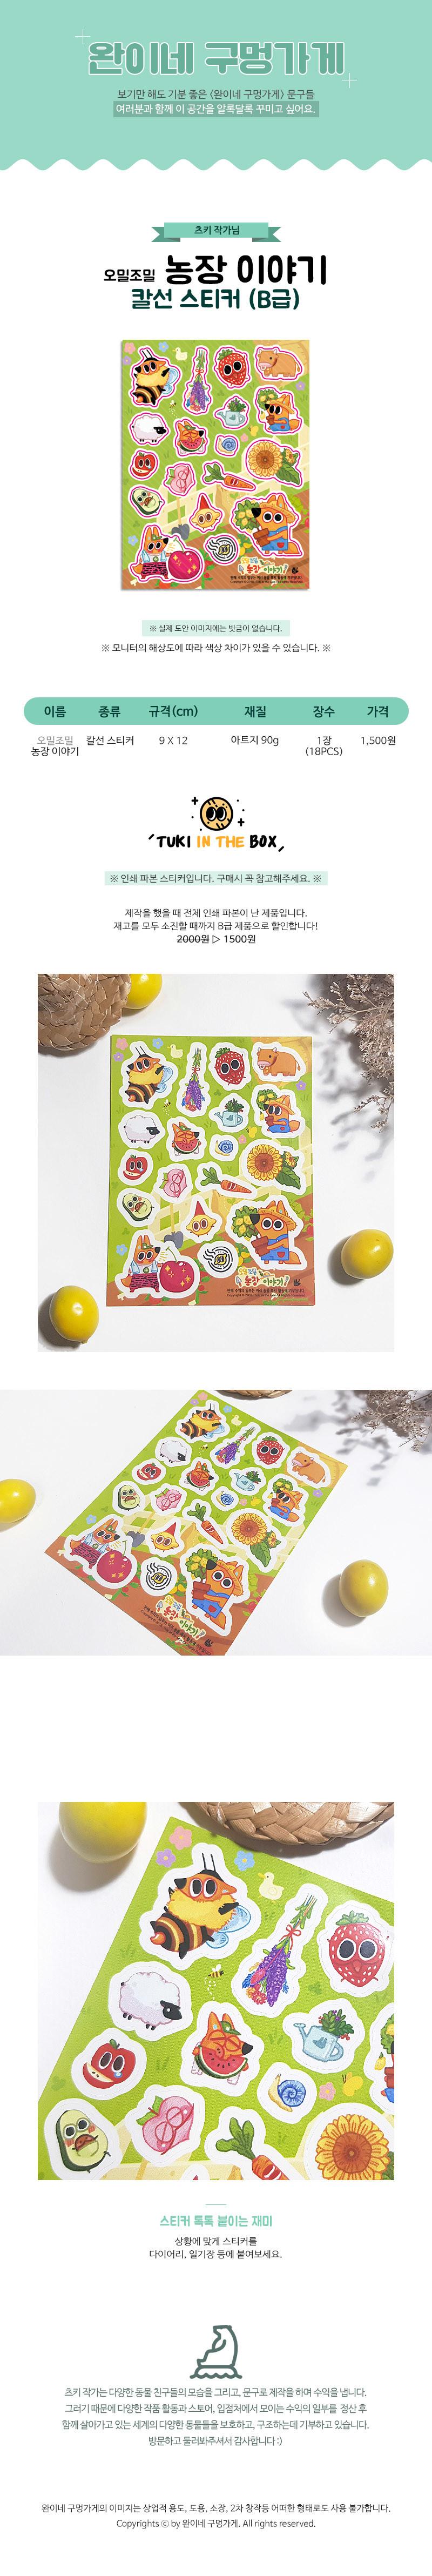 sticker751